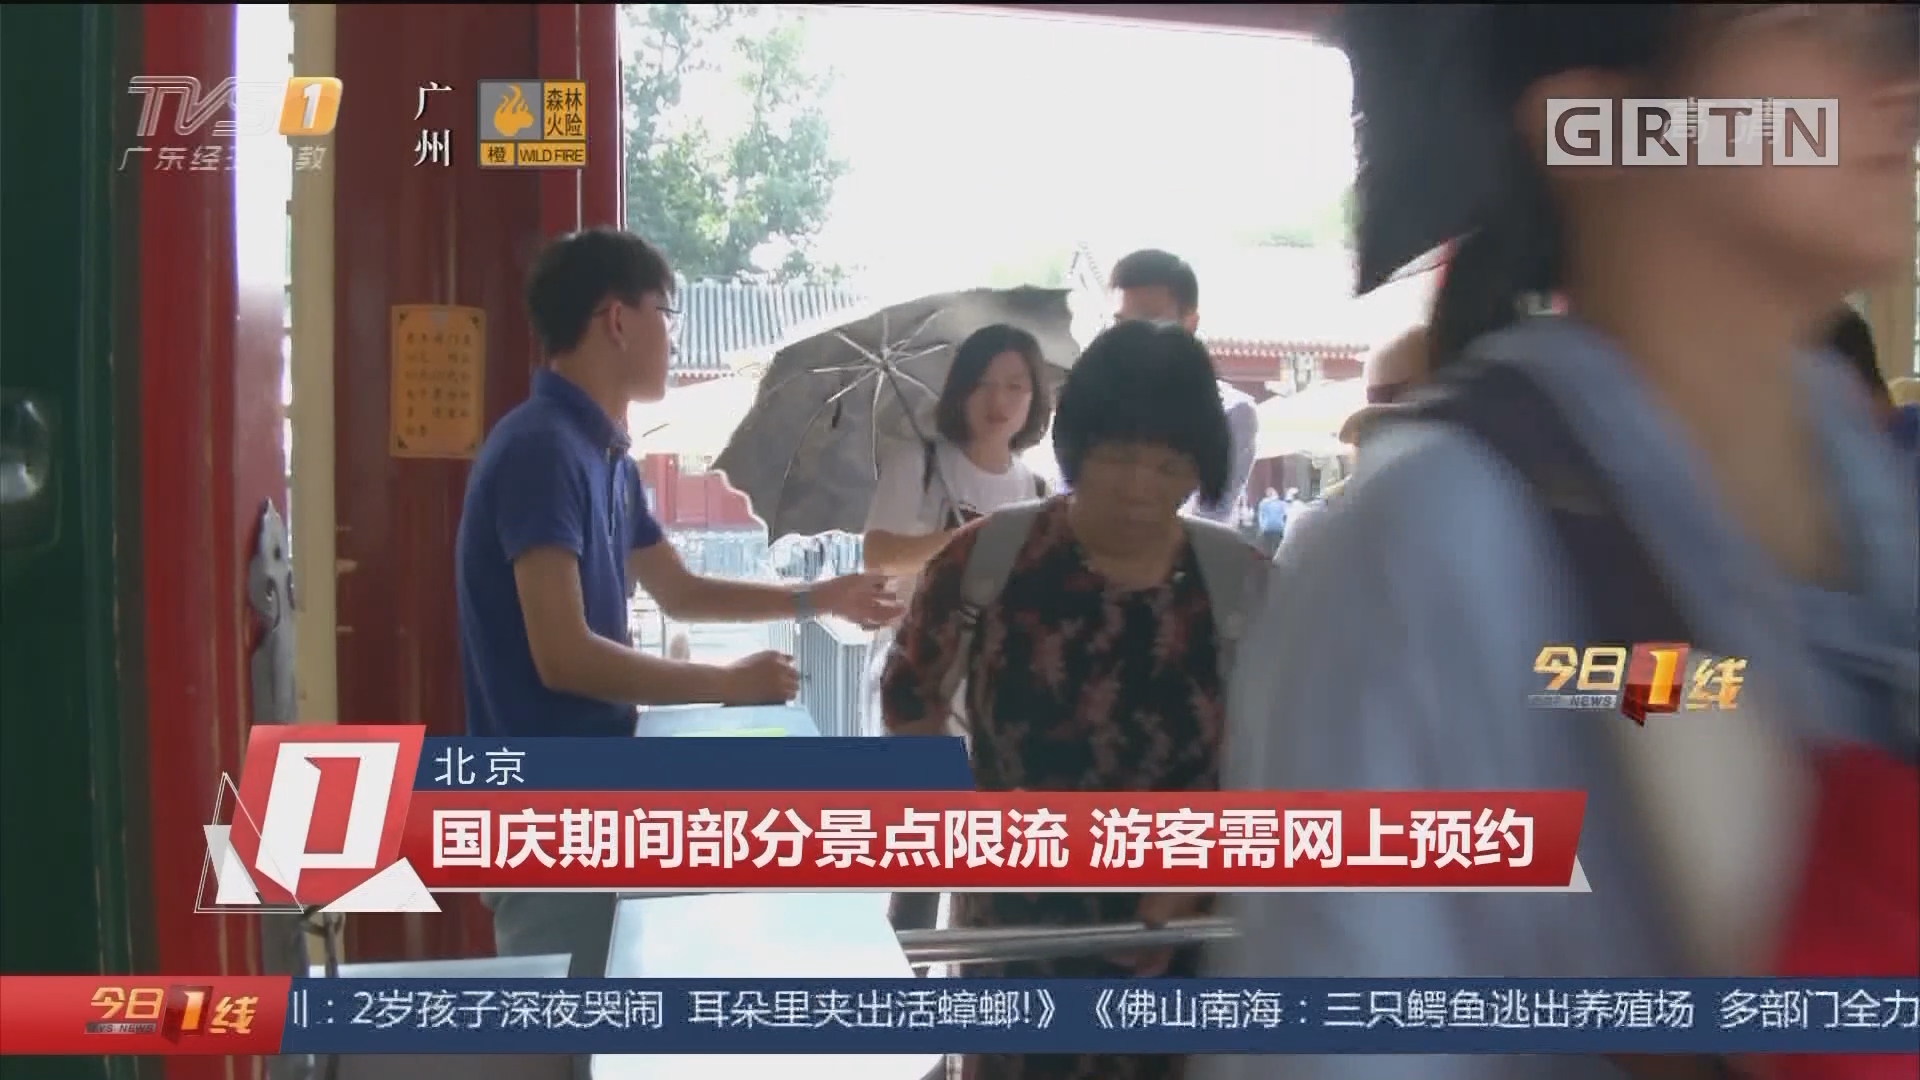 北京:国庆期间部分景点限流 游客需网上预约